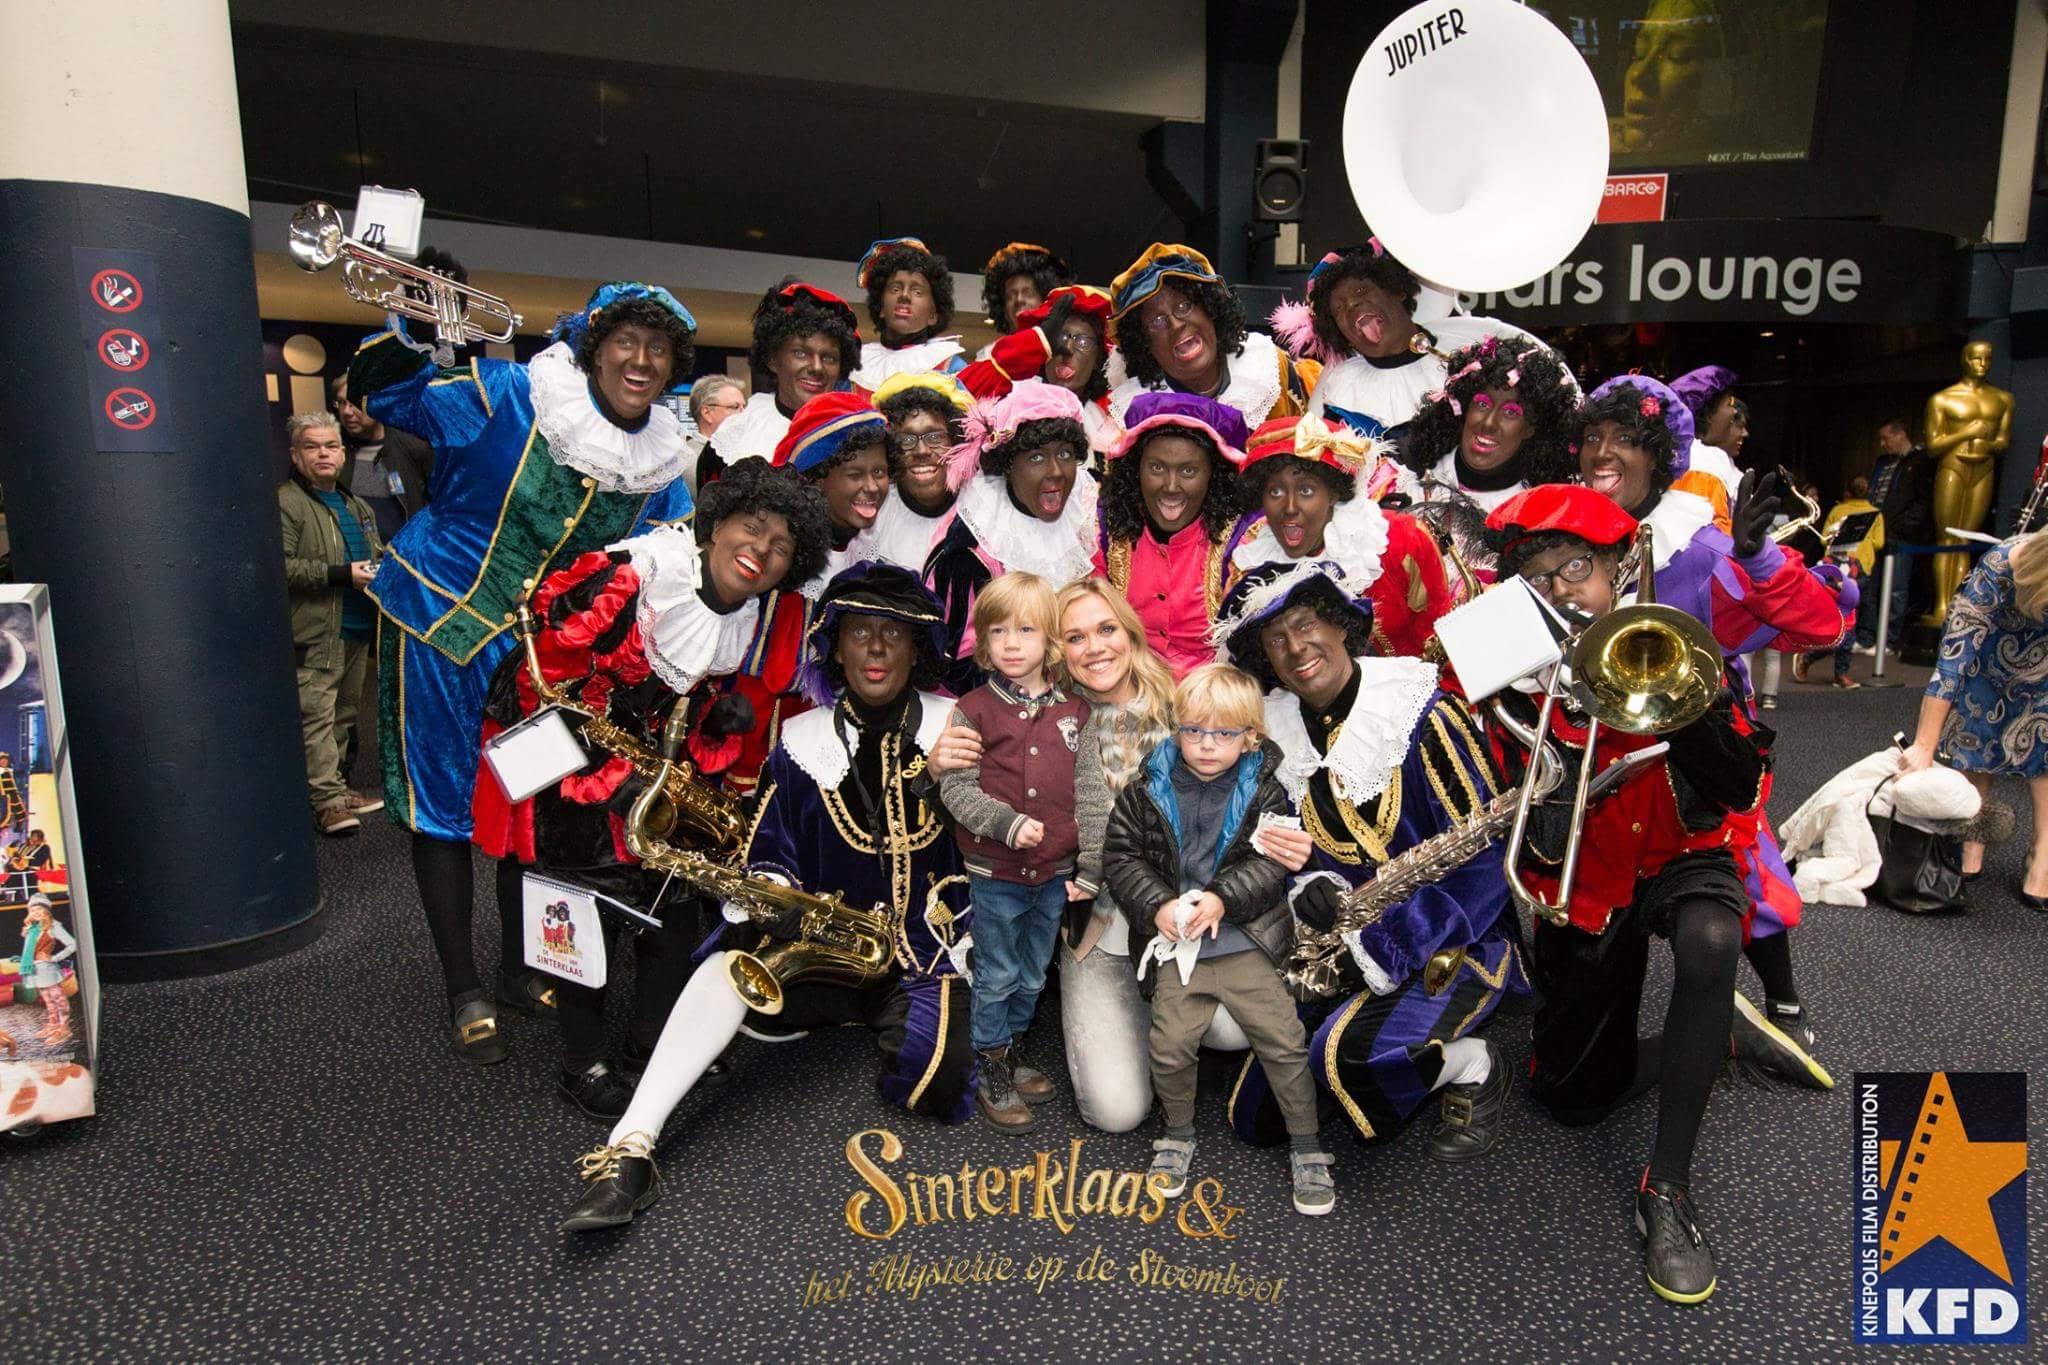 Premiére Club van Sinterklaas in België 2016.jpg